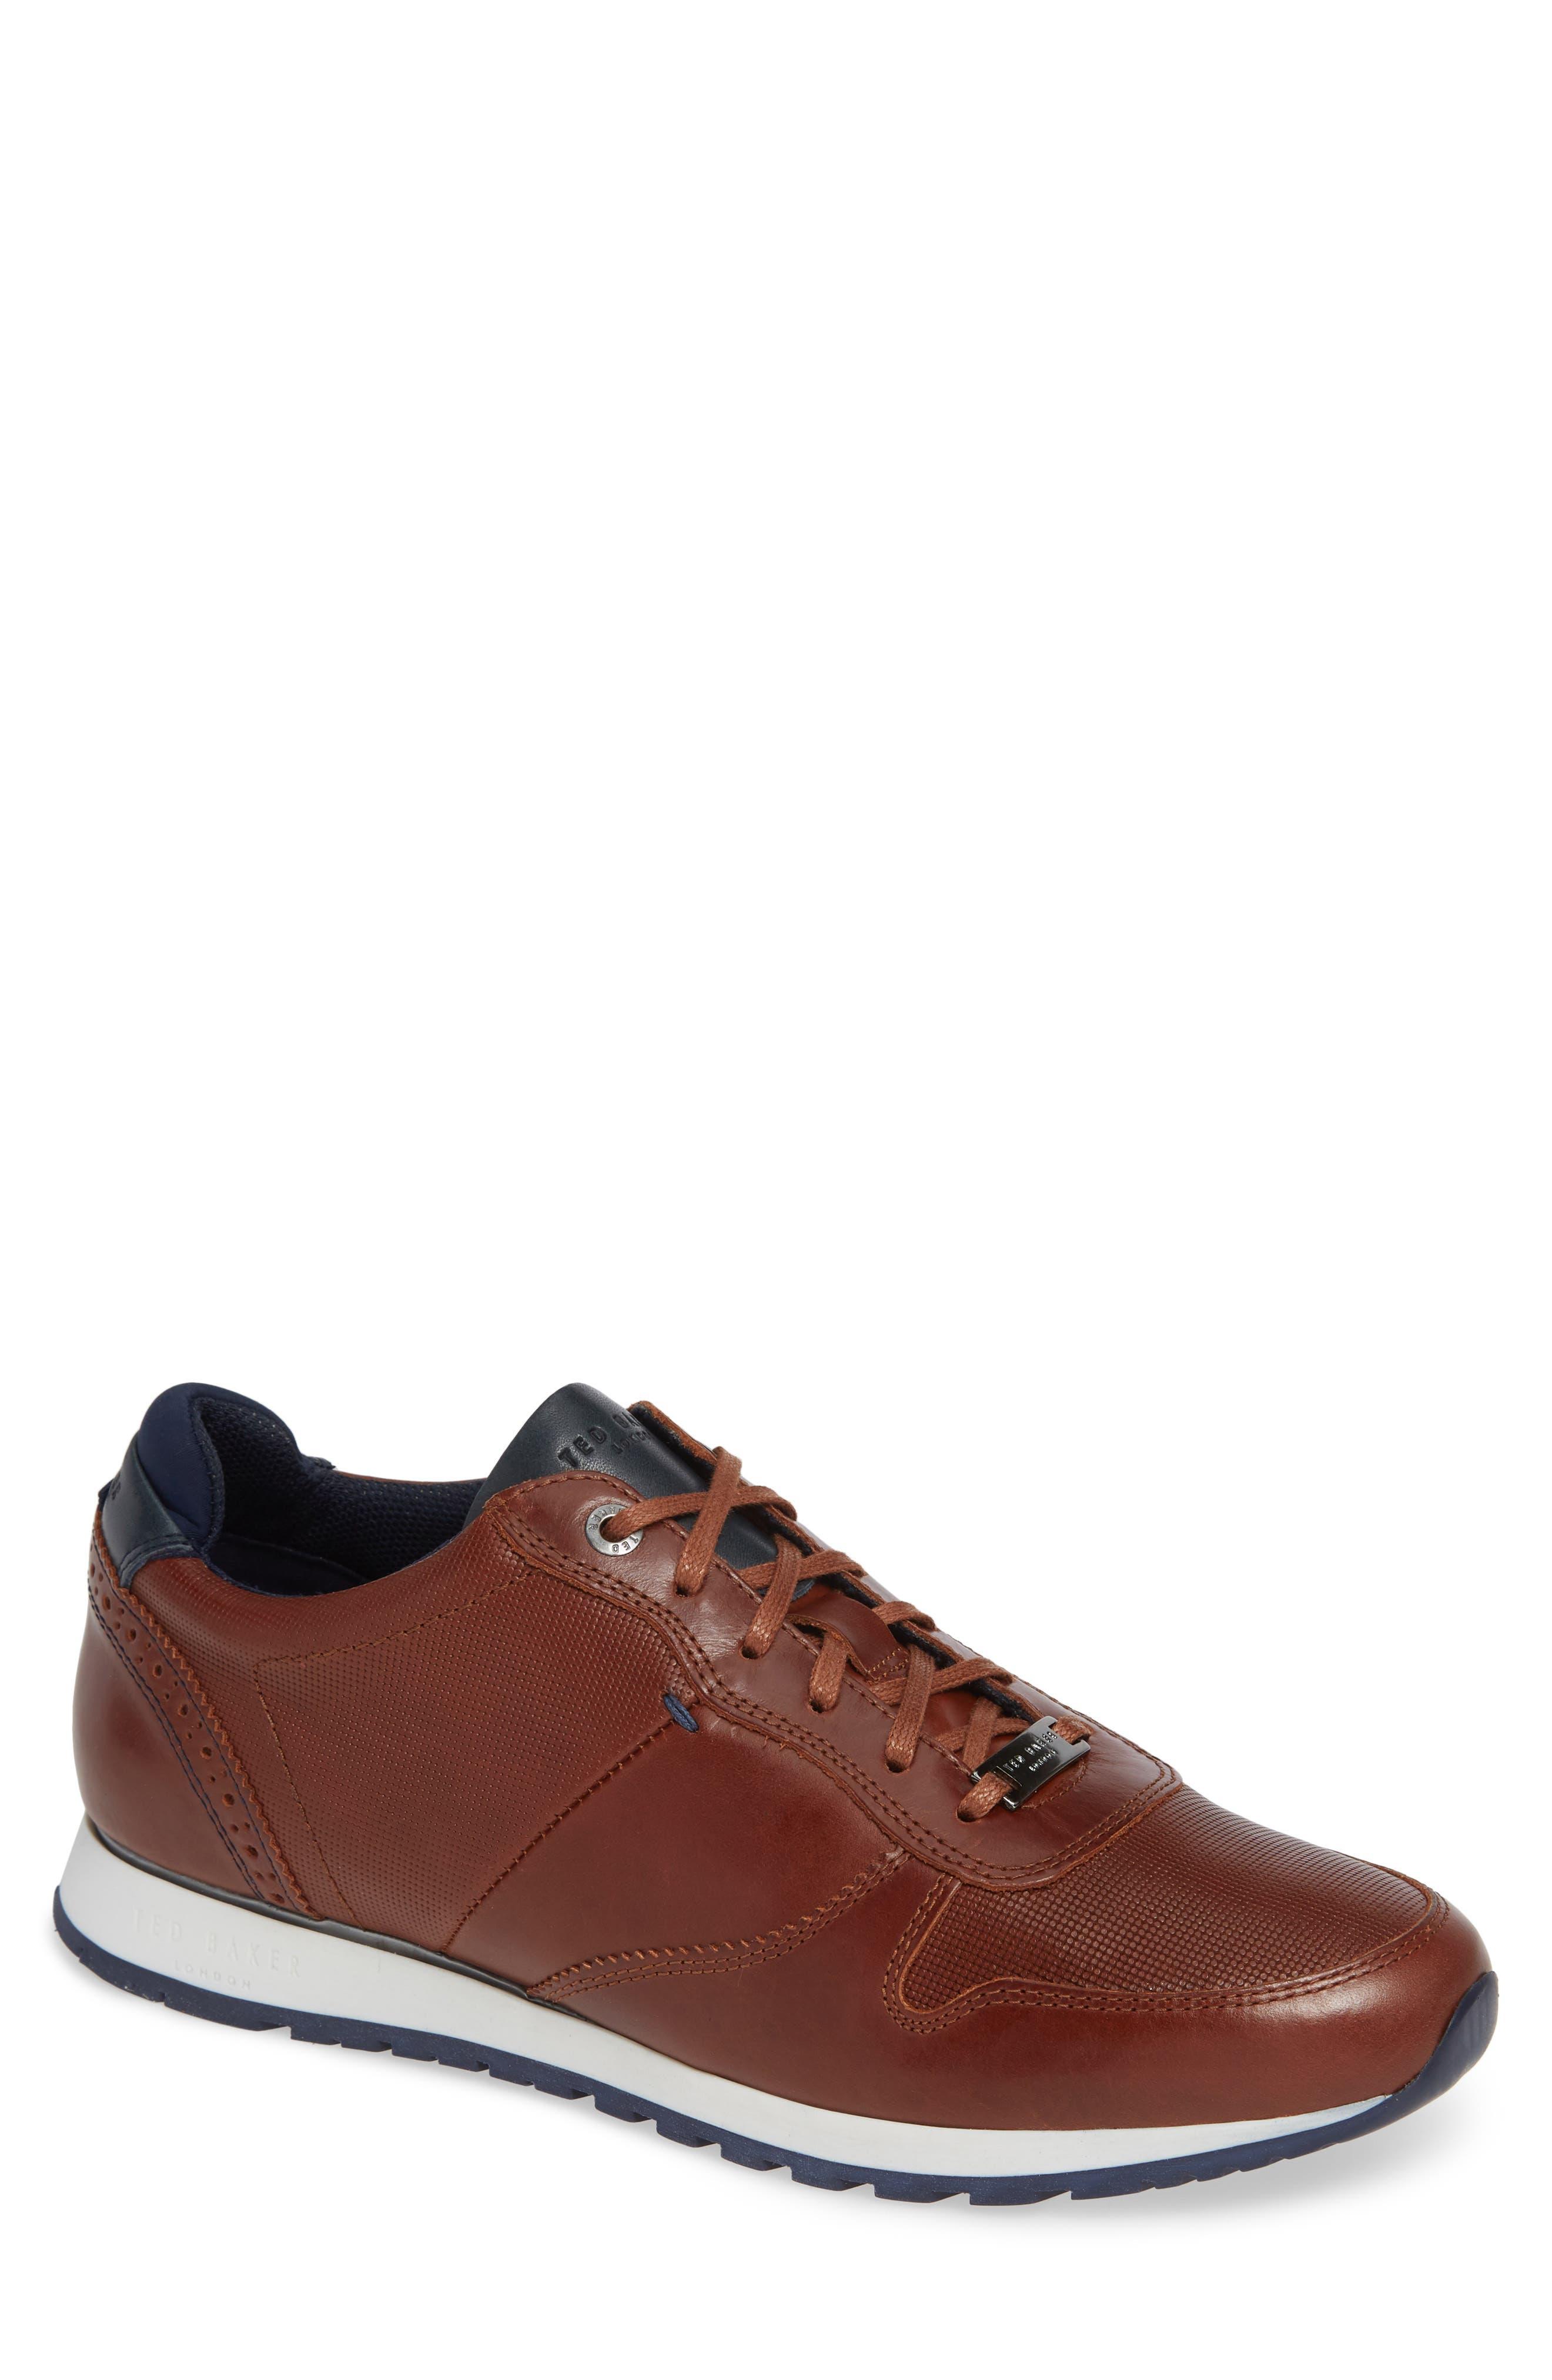 feb3f4da1570 Ted Baker Shoes for Men